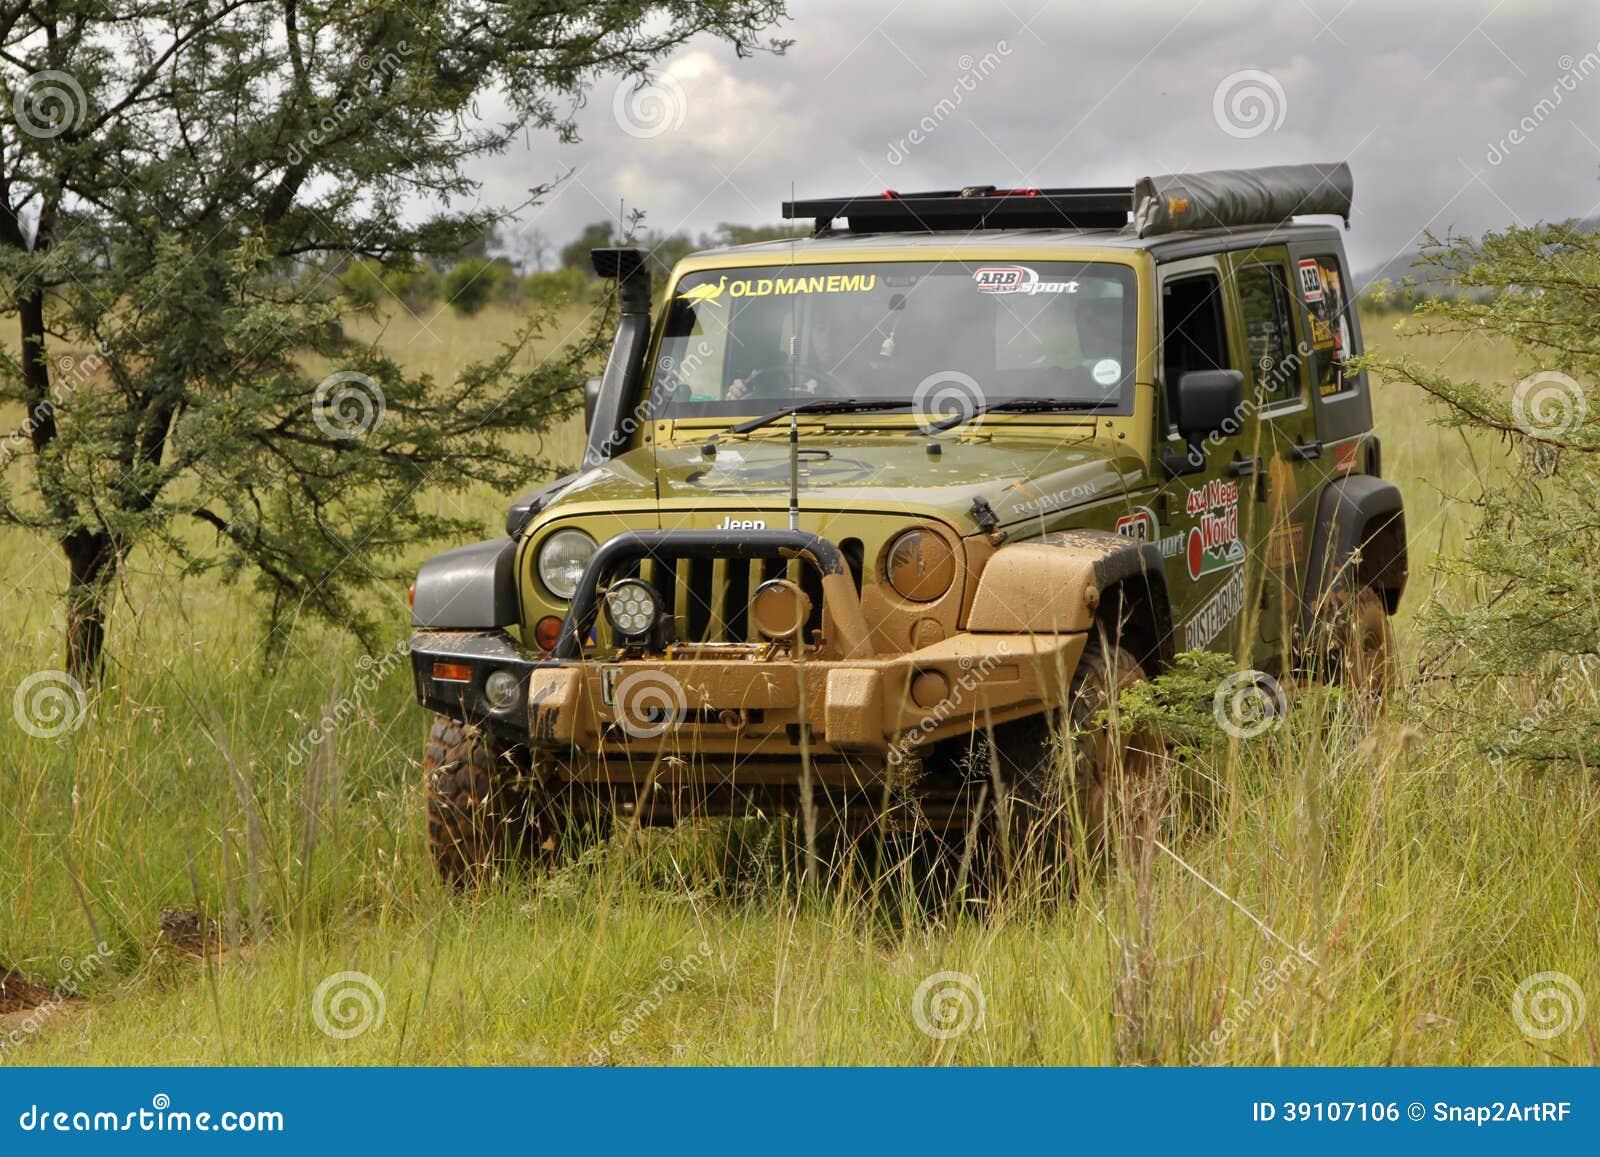 Gekkoparel Groen Jeep Wrangler Rubicon